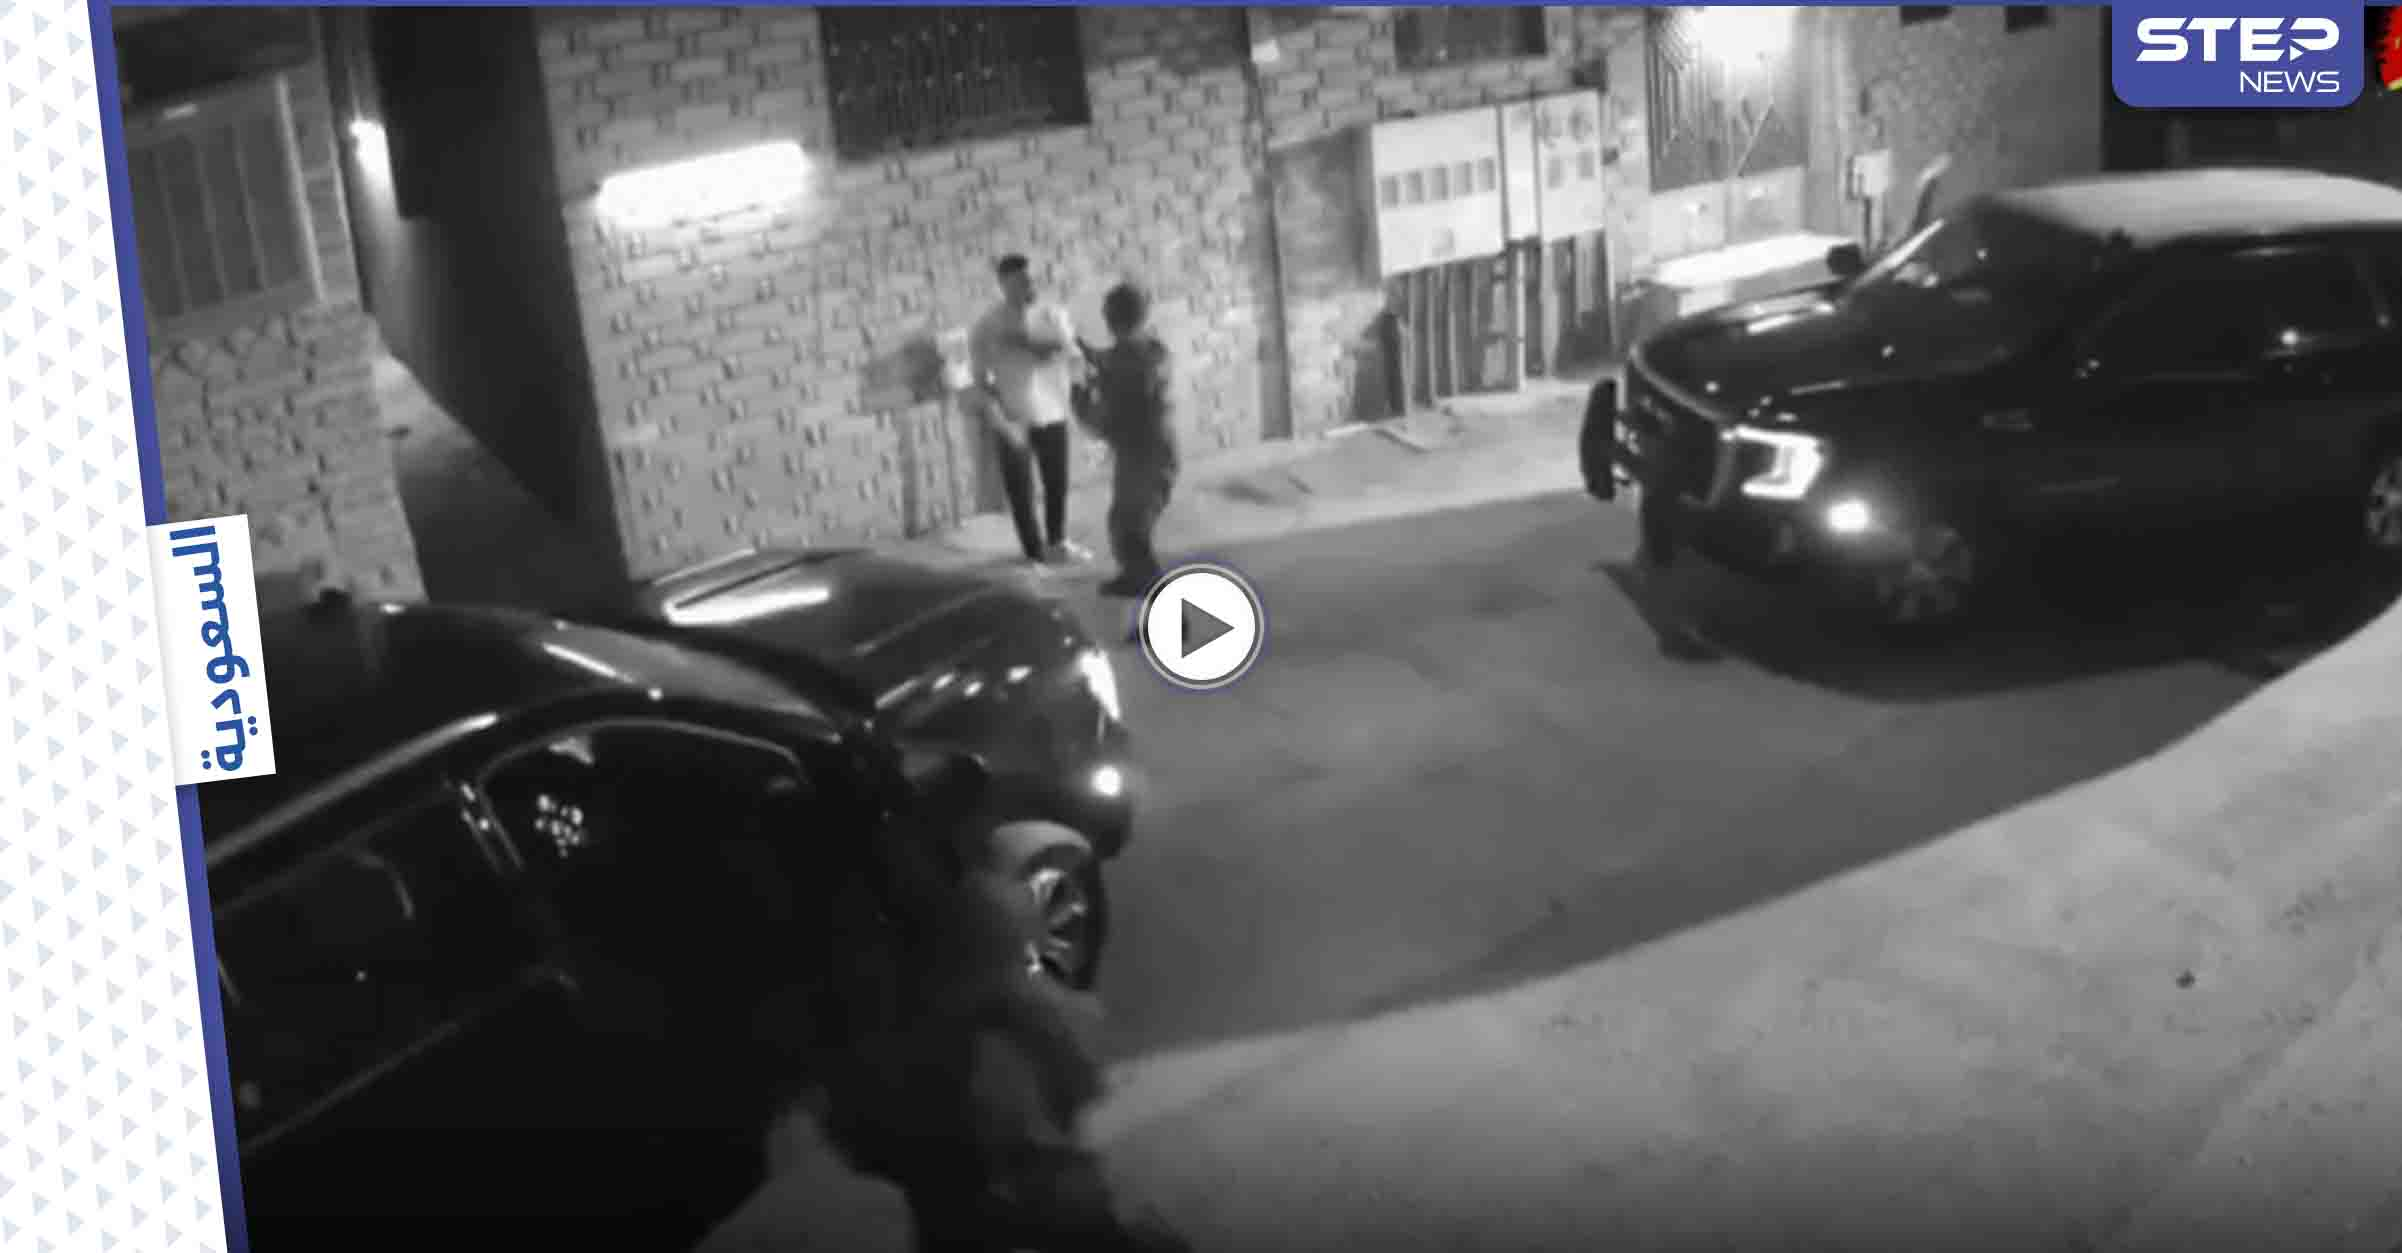 """بالفيديو   على طريقة أفلام الأكشن سيارة تختطف مغني راب في السعودية وناشطون يطلقون هاشتاغ """"الجمس الأسود"""" ويكشفون الحقيقة"""